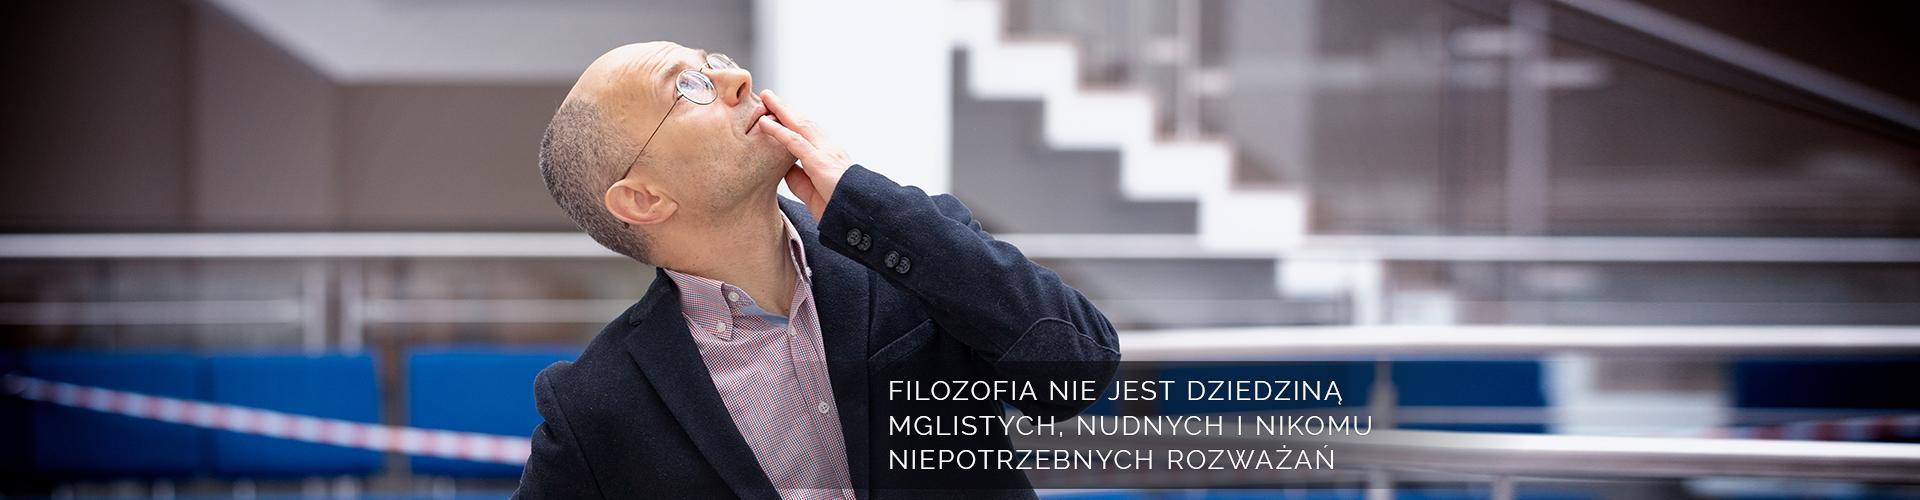 Prof. Artur Szutta: filozofia nie jest dziedziną mglistych, nudnych i nikomu niepotrzebnych rozważań